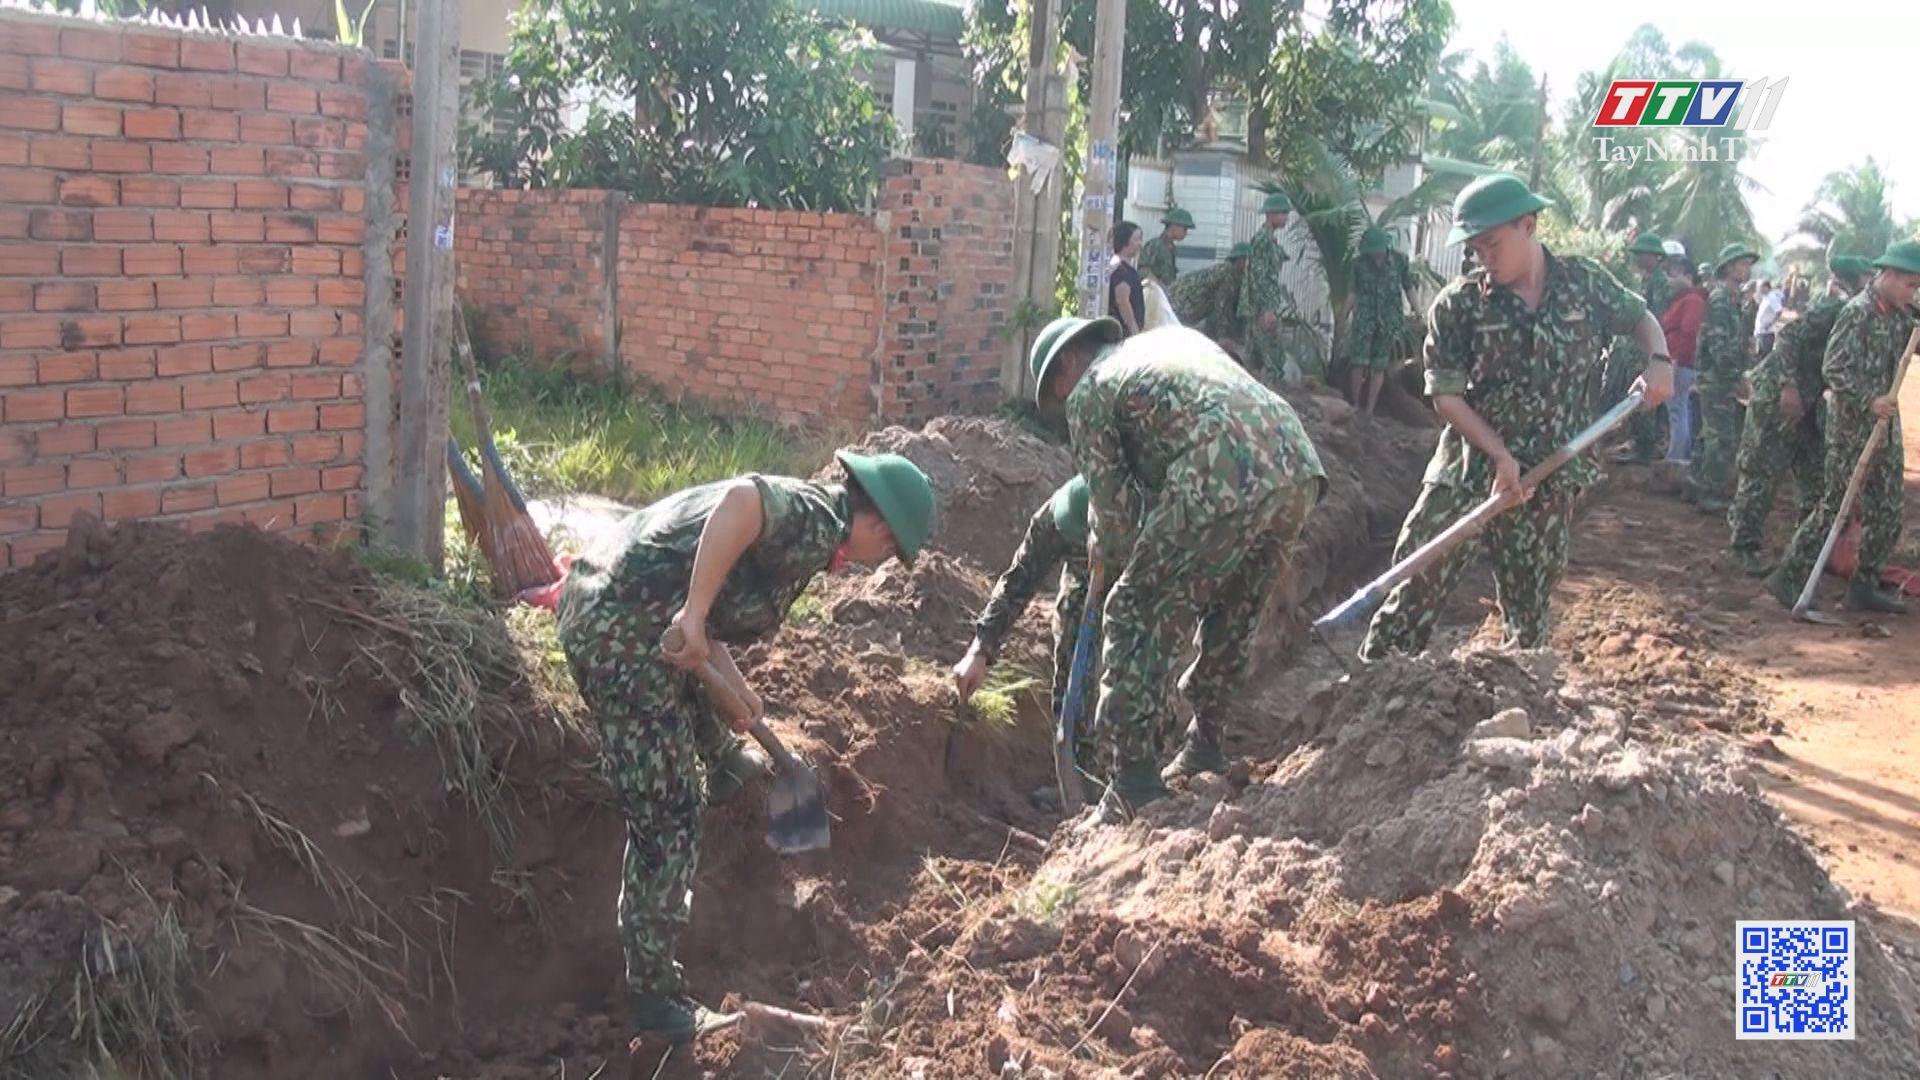 Xã Phan-Nỗ lực hoàn thành mục tiêu xây dựng nông thôn mới | THÔNG TIN TỪ CƠ SỞ | TayNinhTV